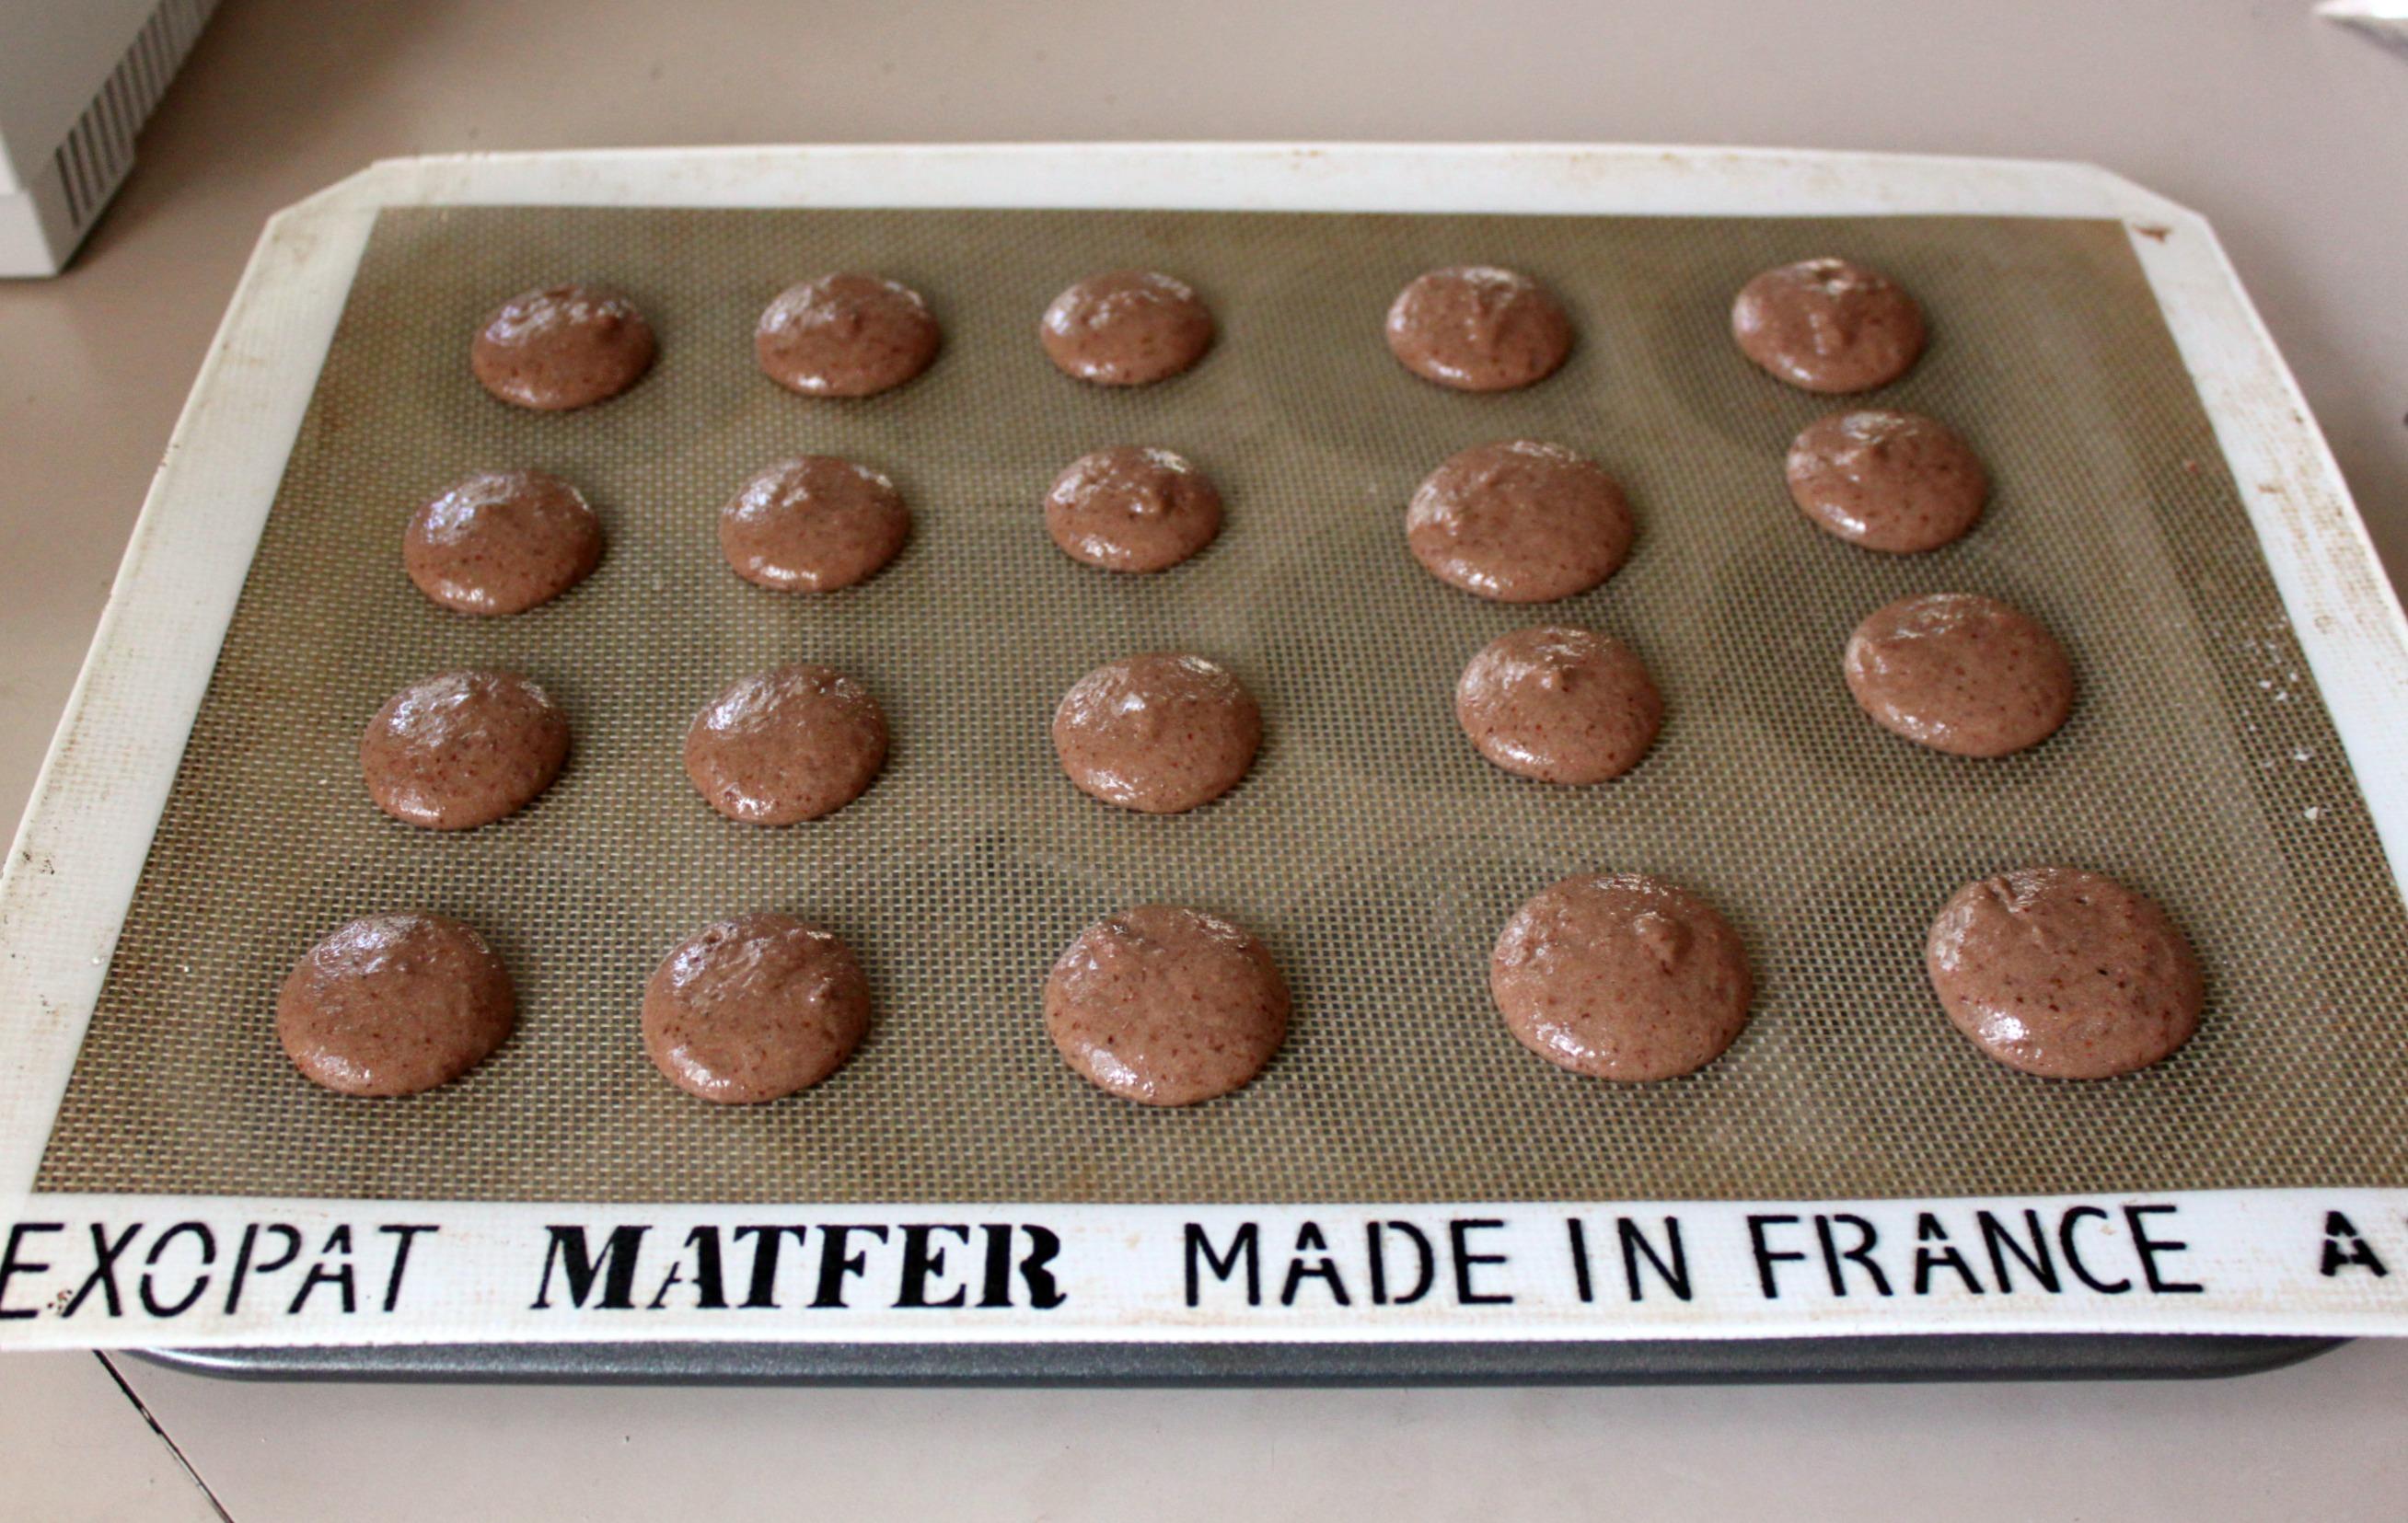 Pipe macaron batter onto prepared sheet